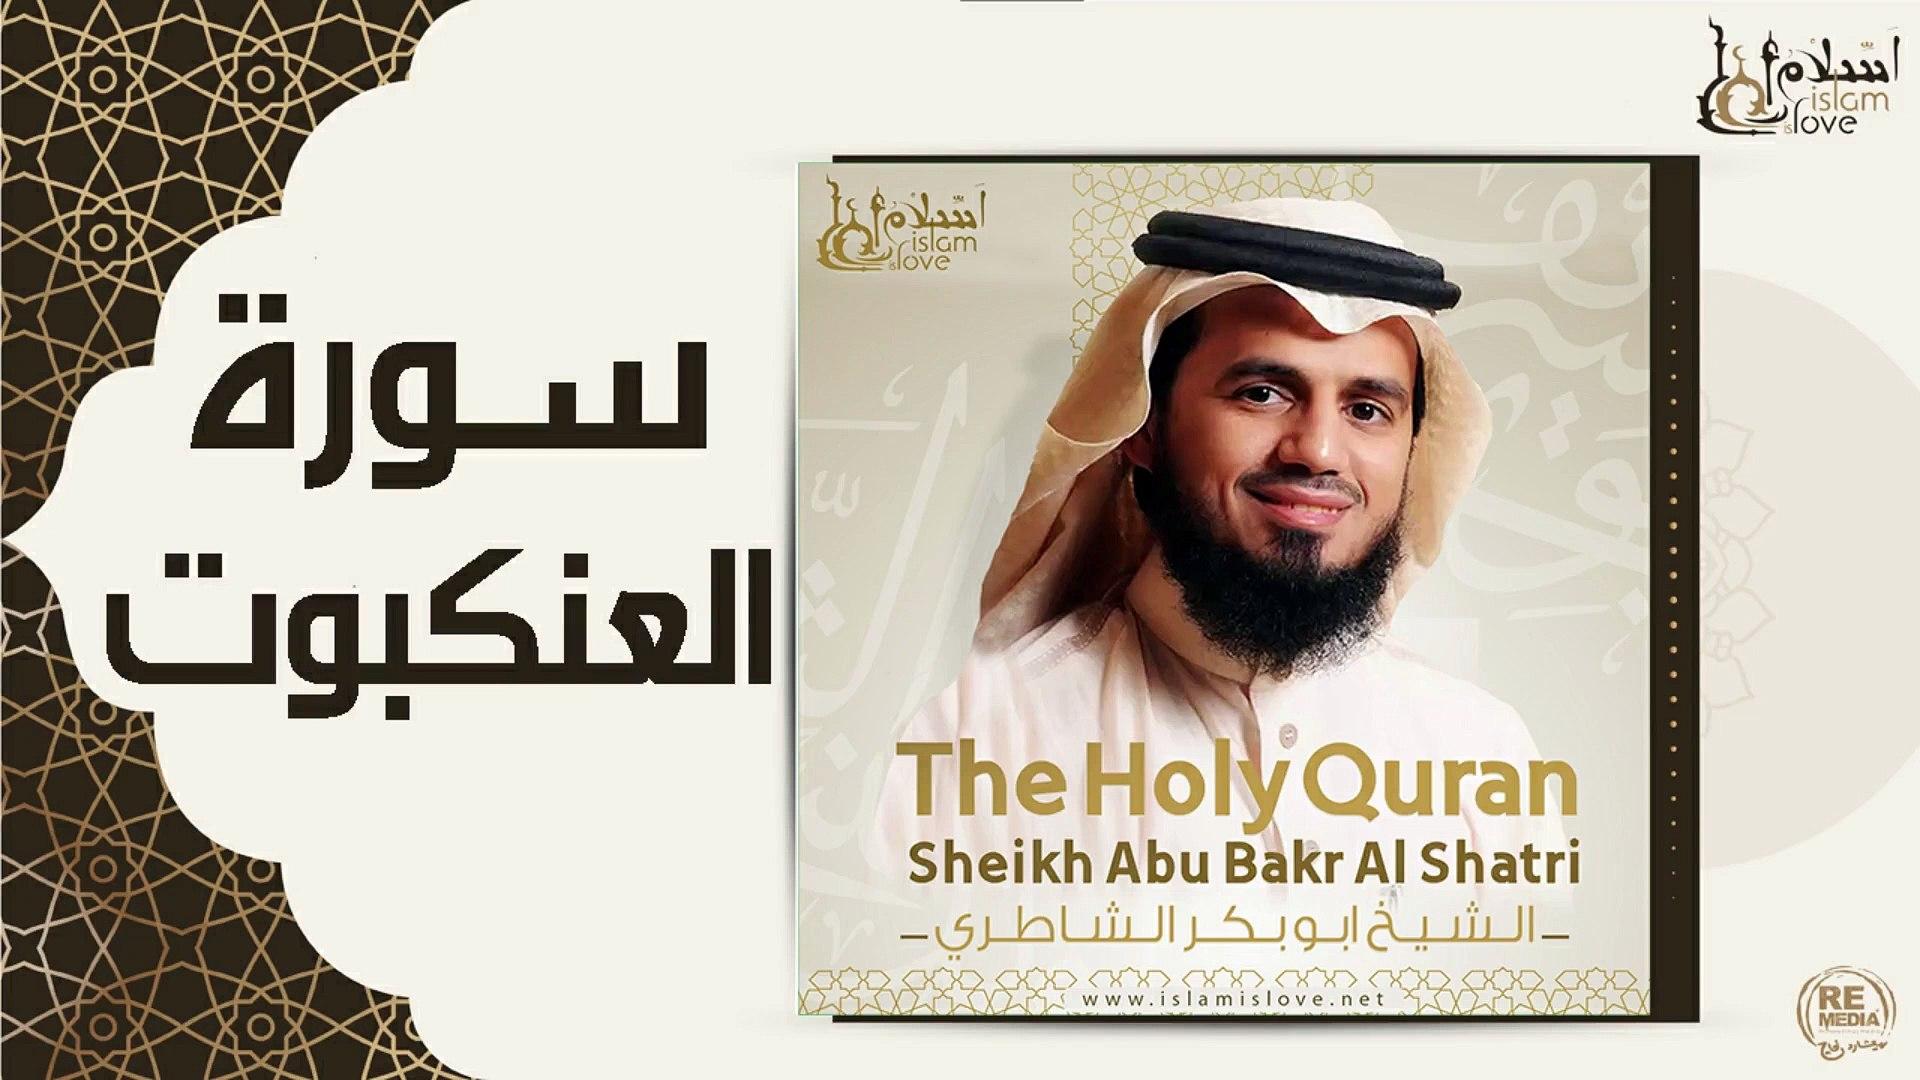 الشيخ ابو بكر الشاطري - سورة العنكبوت